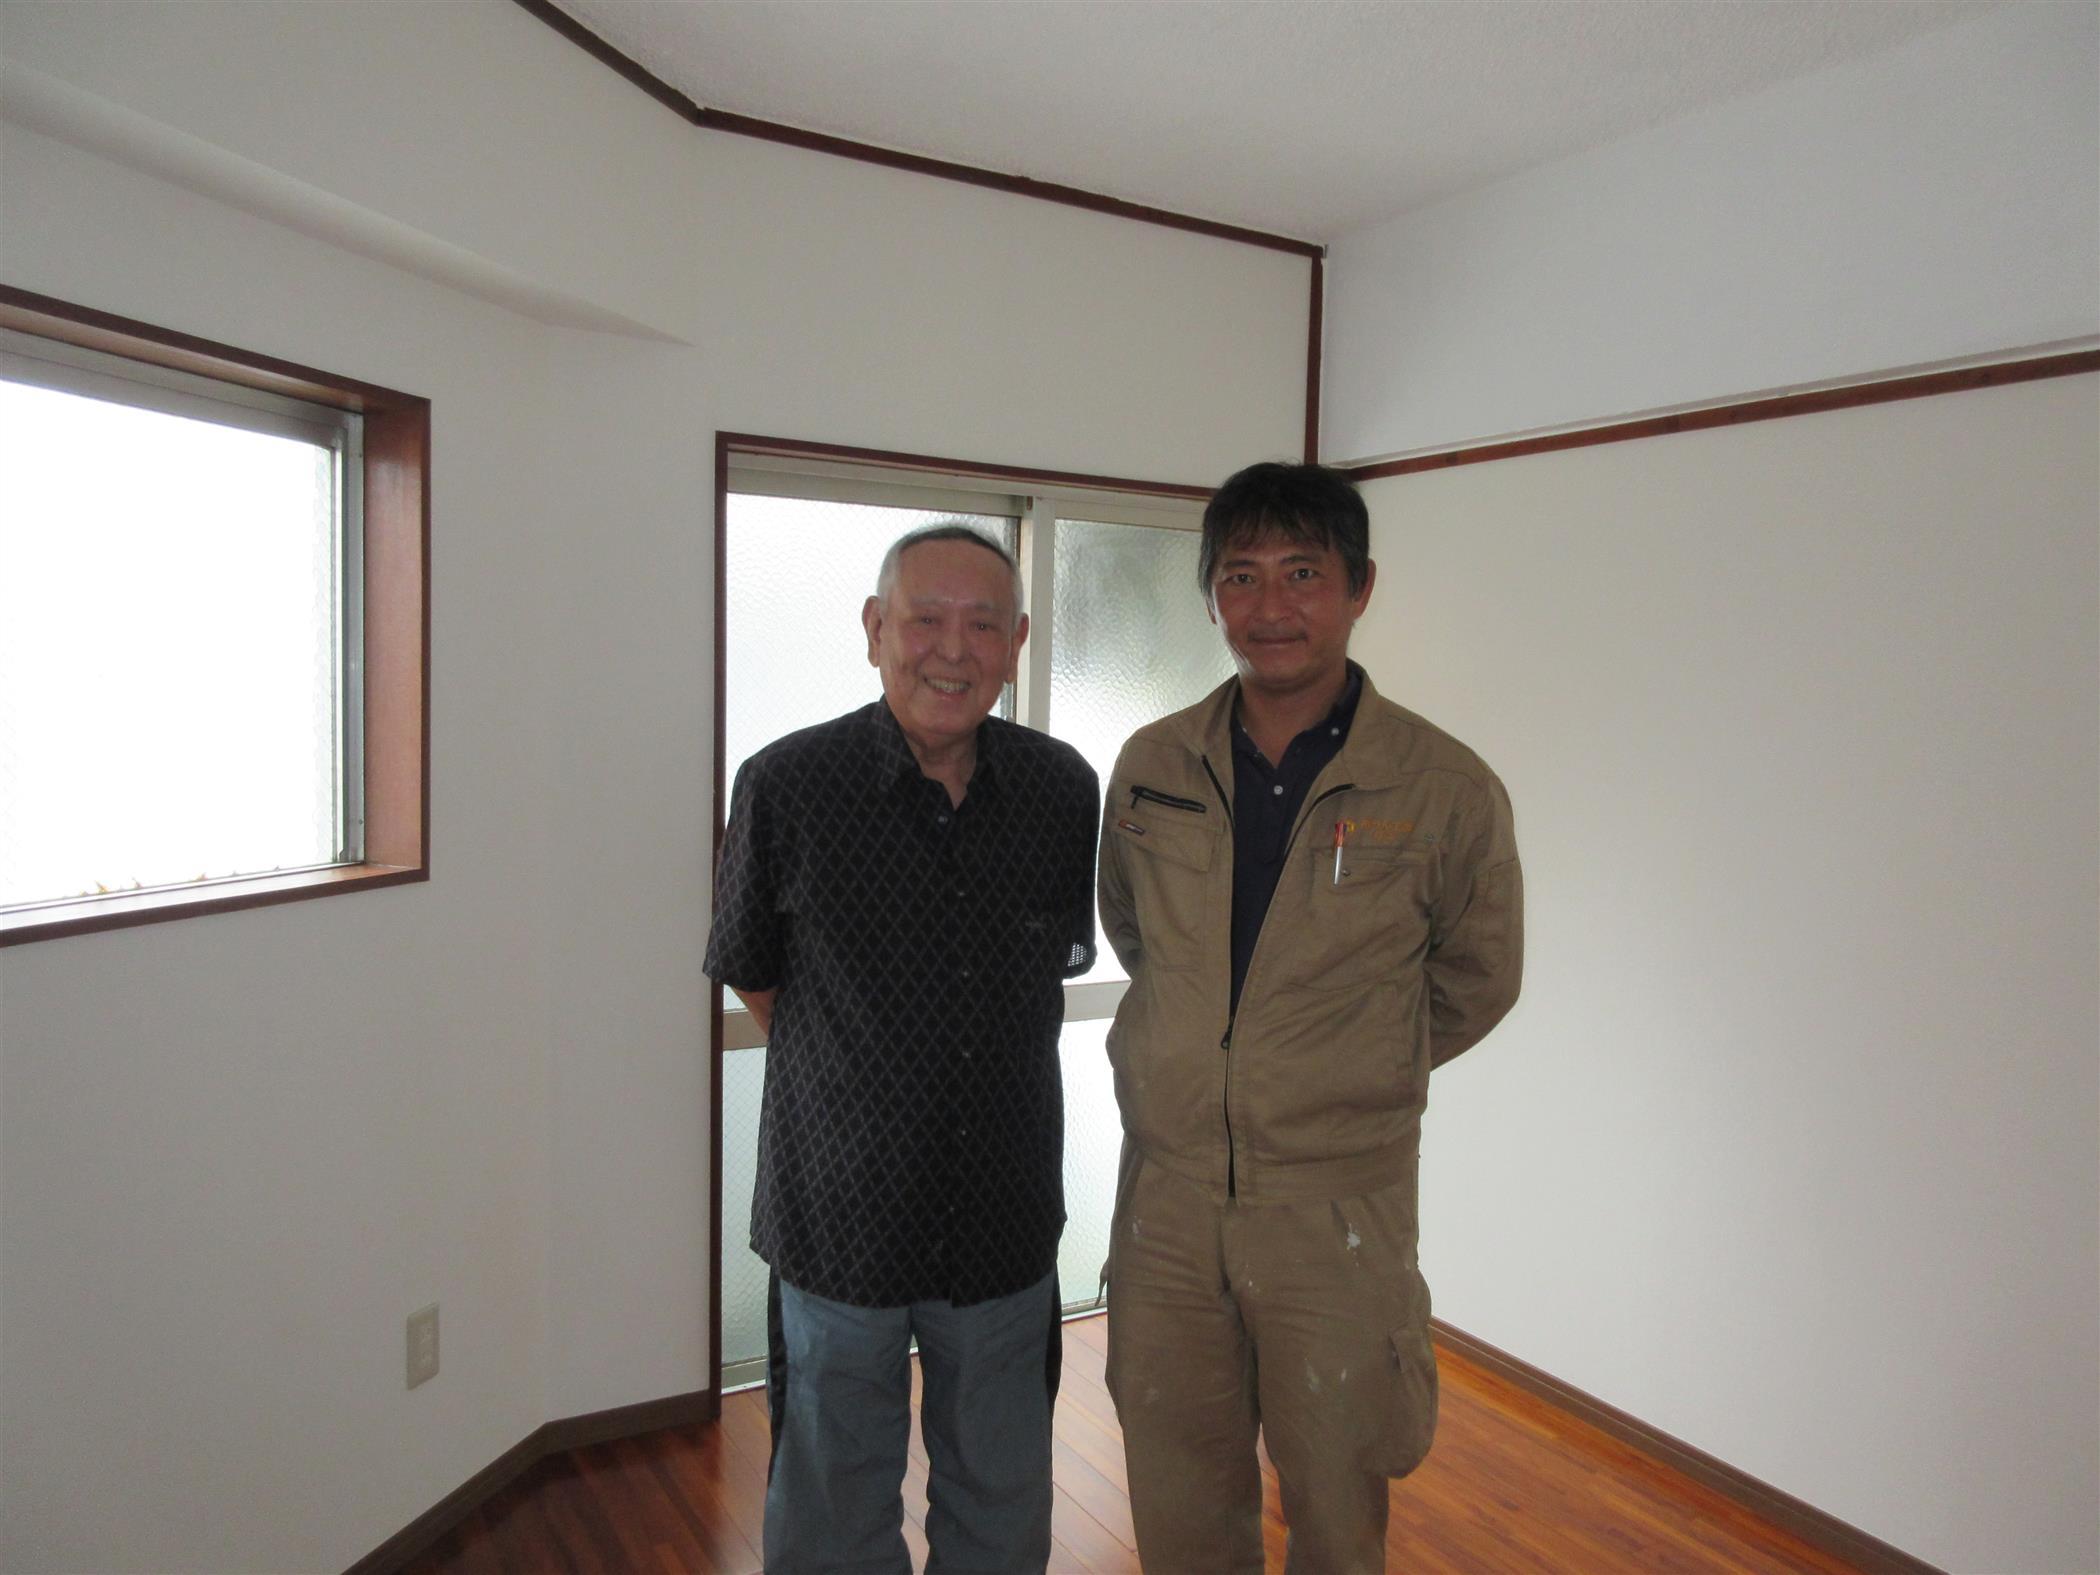 泊アパート改装工事(お客様の声)を公開しました。 | 沖縄や那覇でリフォームするなら【株式会社 あうん工房】